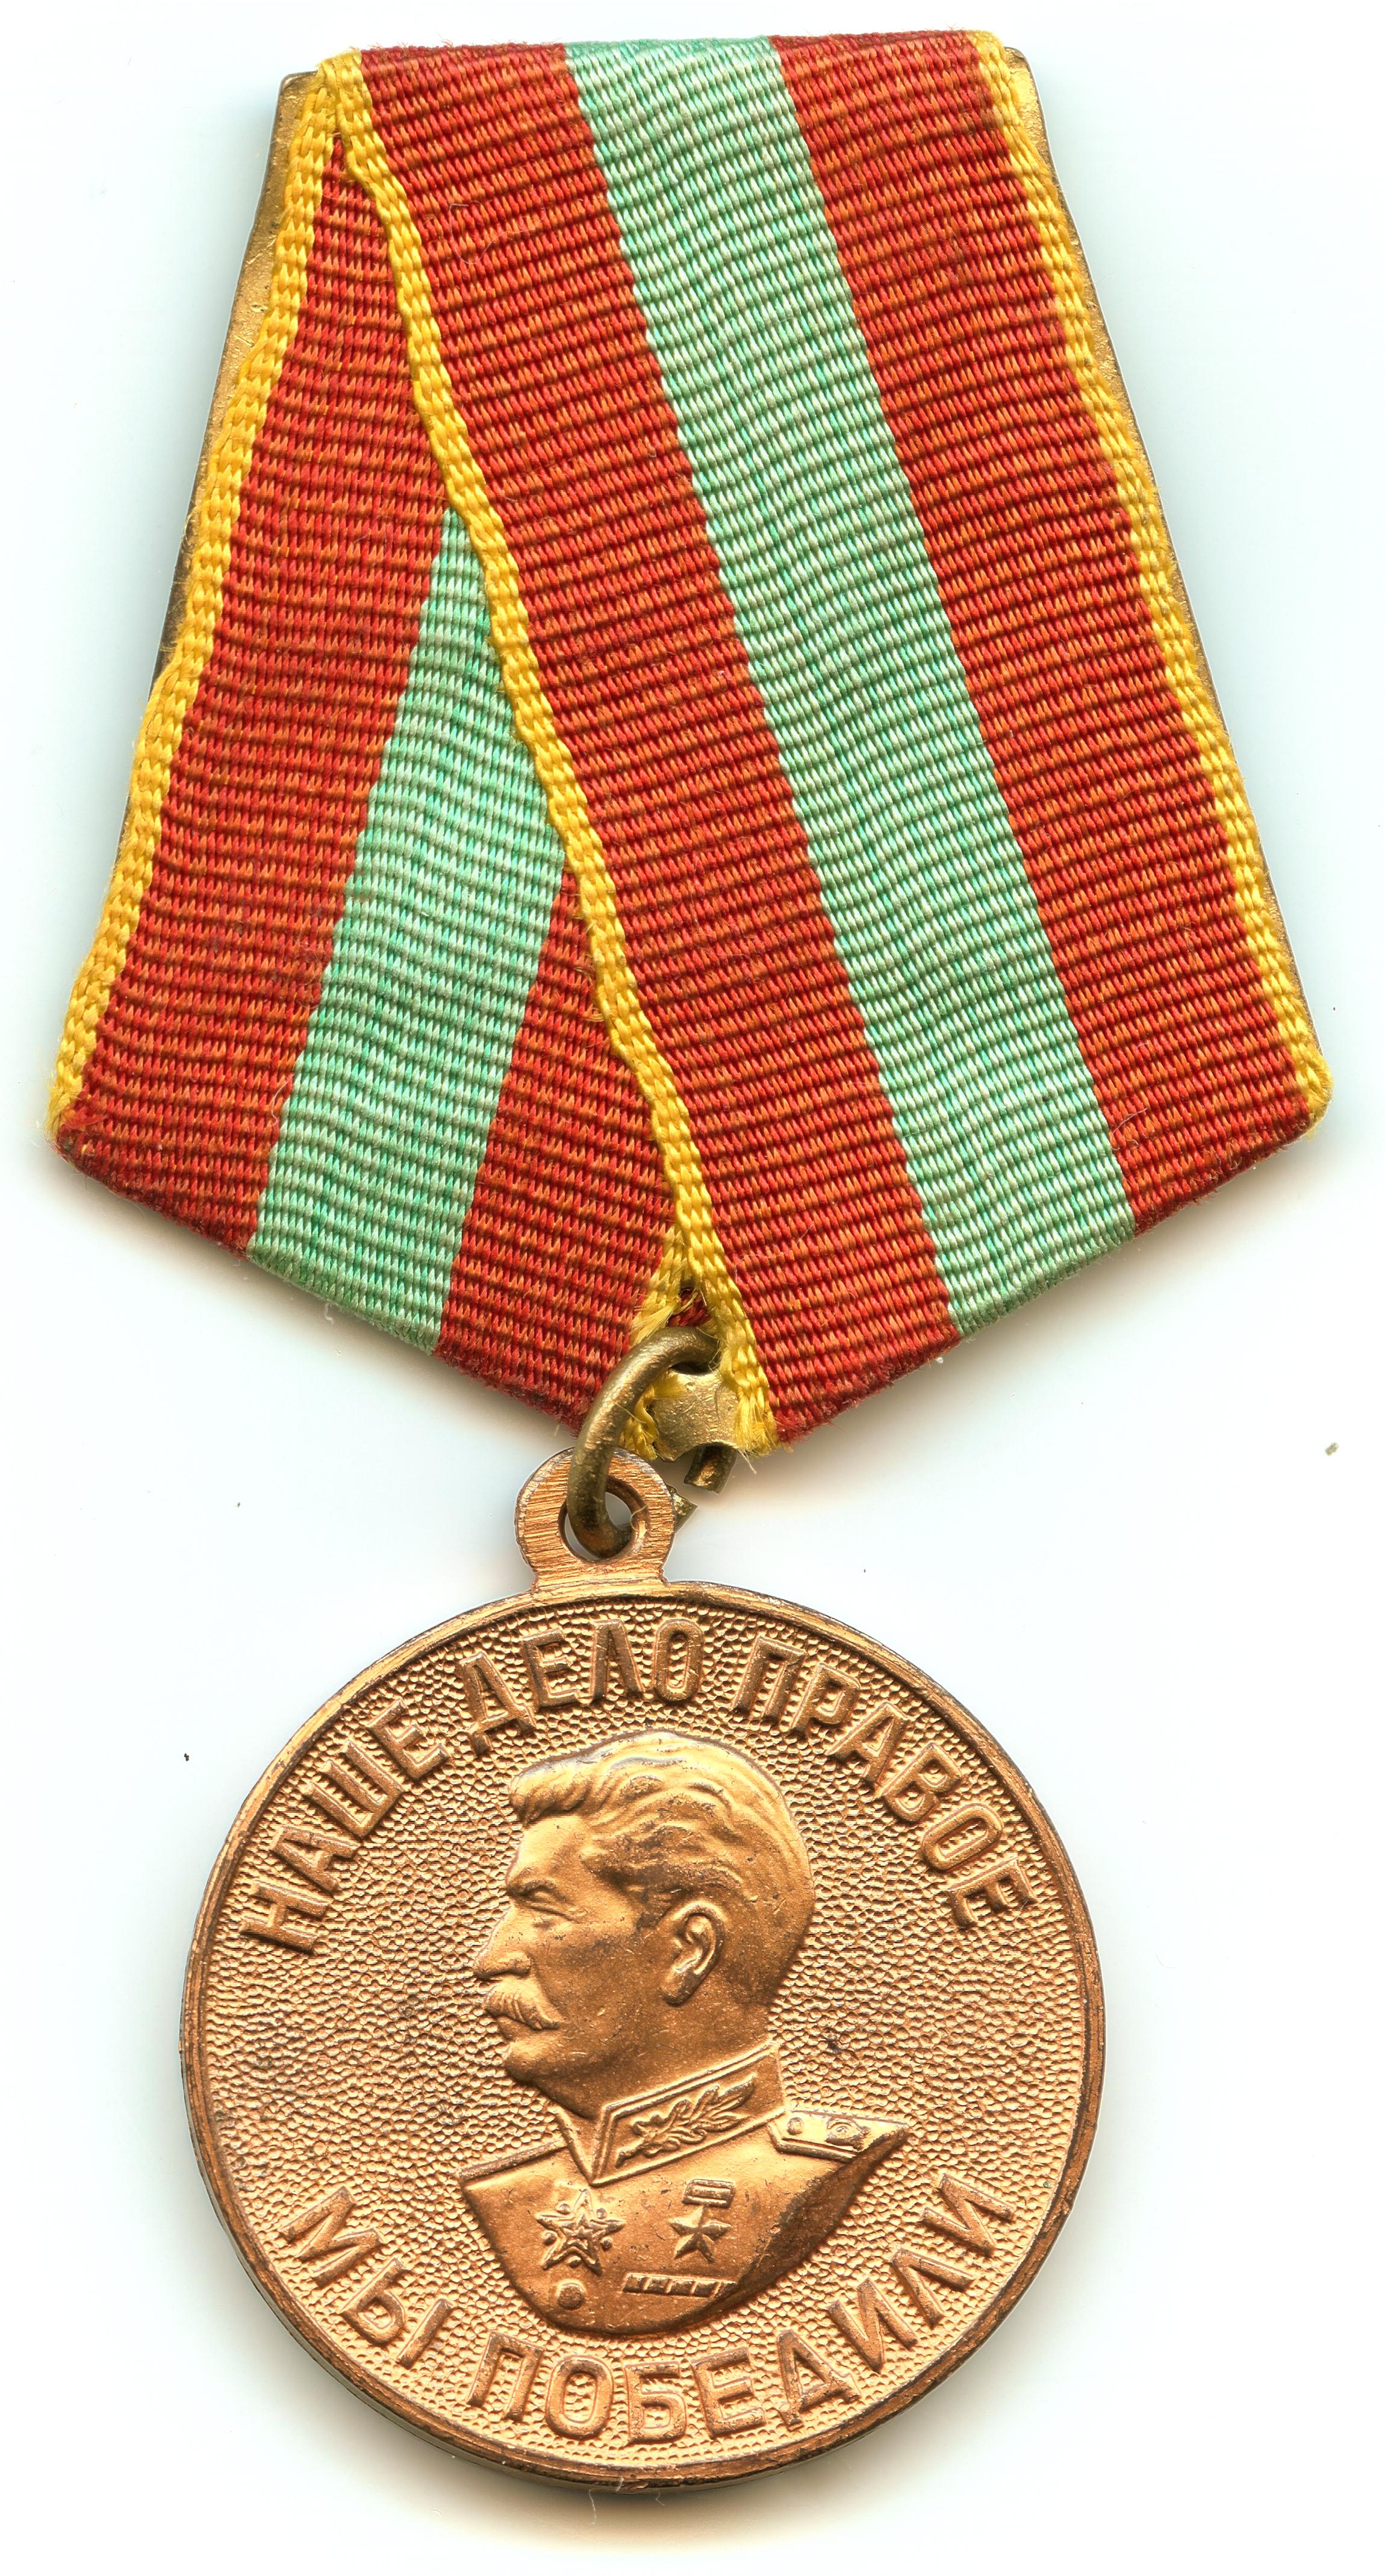 Homeland Awards: Medal for the capture of Koenigsberg 42